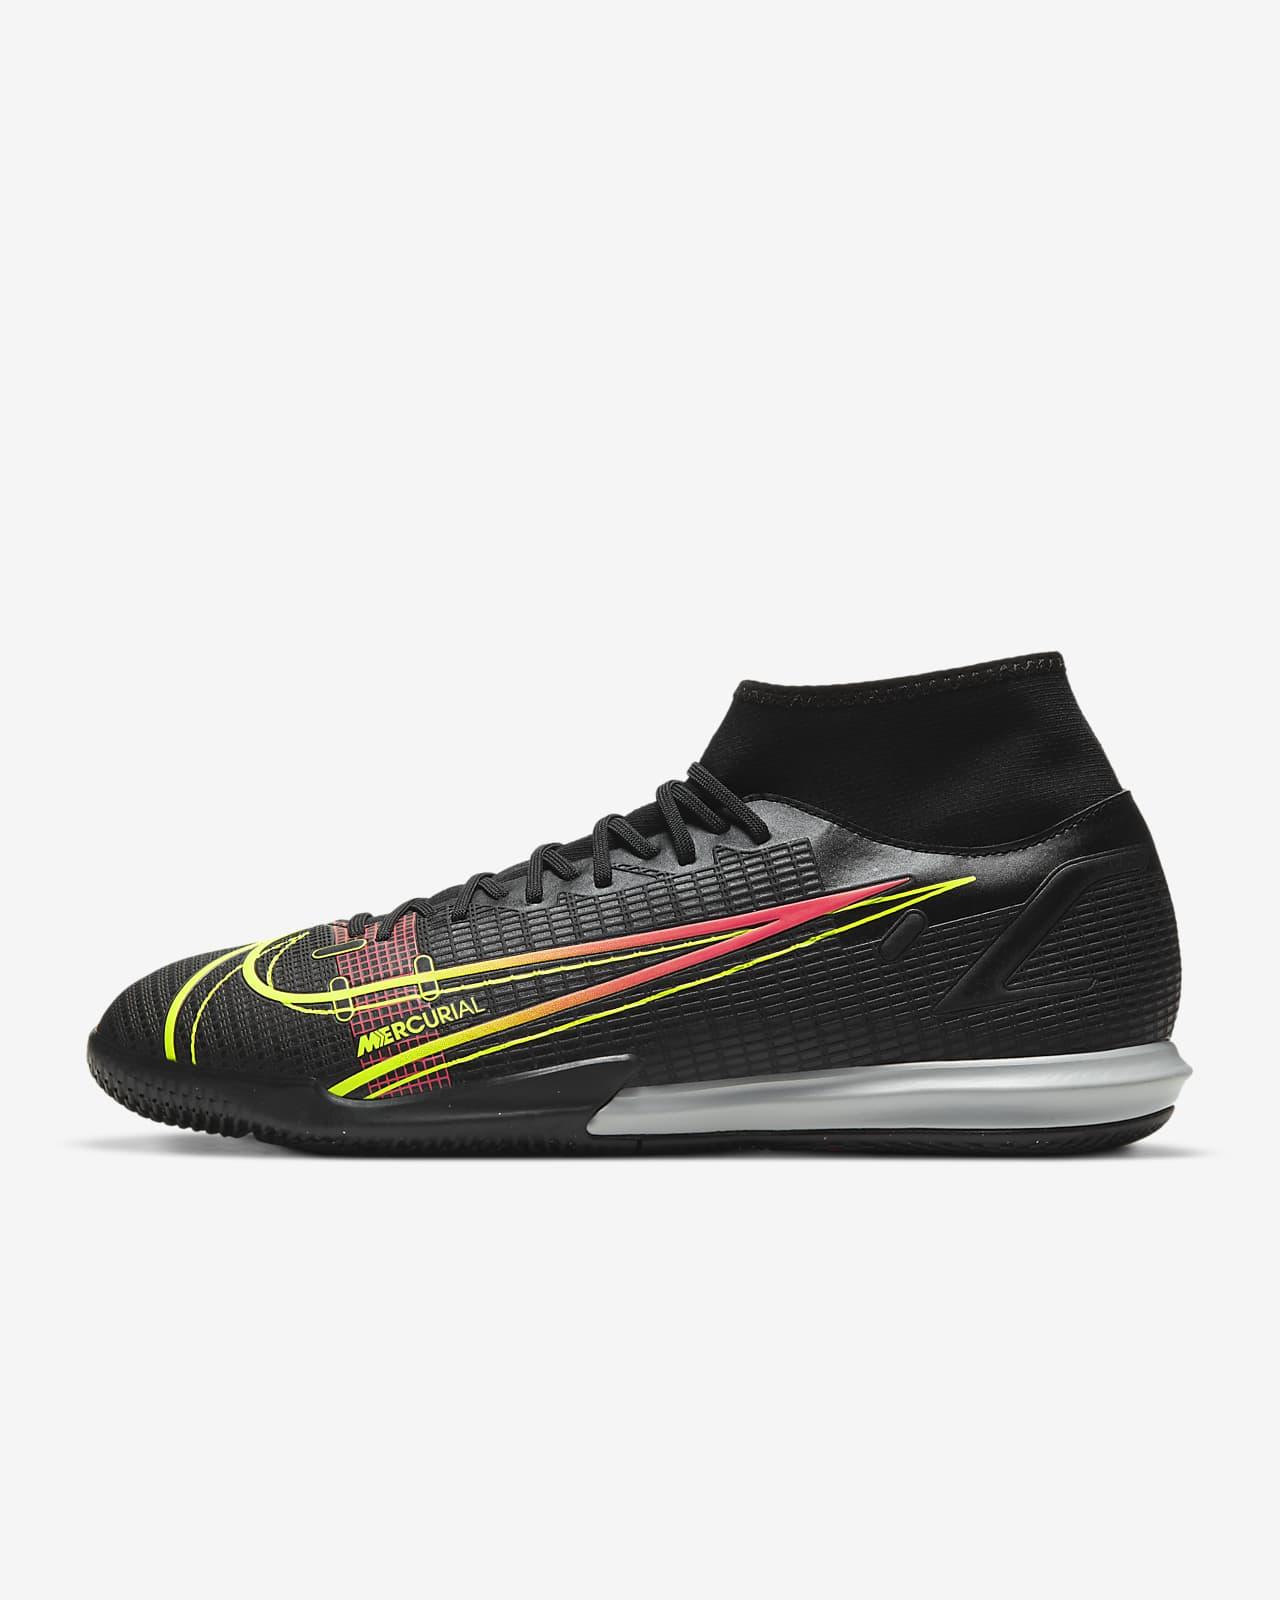 Футбольные бутсы для игры в зале/на крытом поле Nike Mercurial Superfly 8 Academy IC